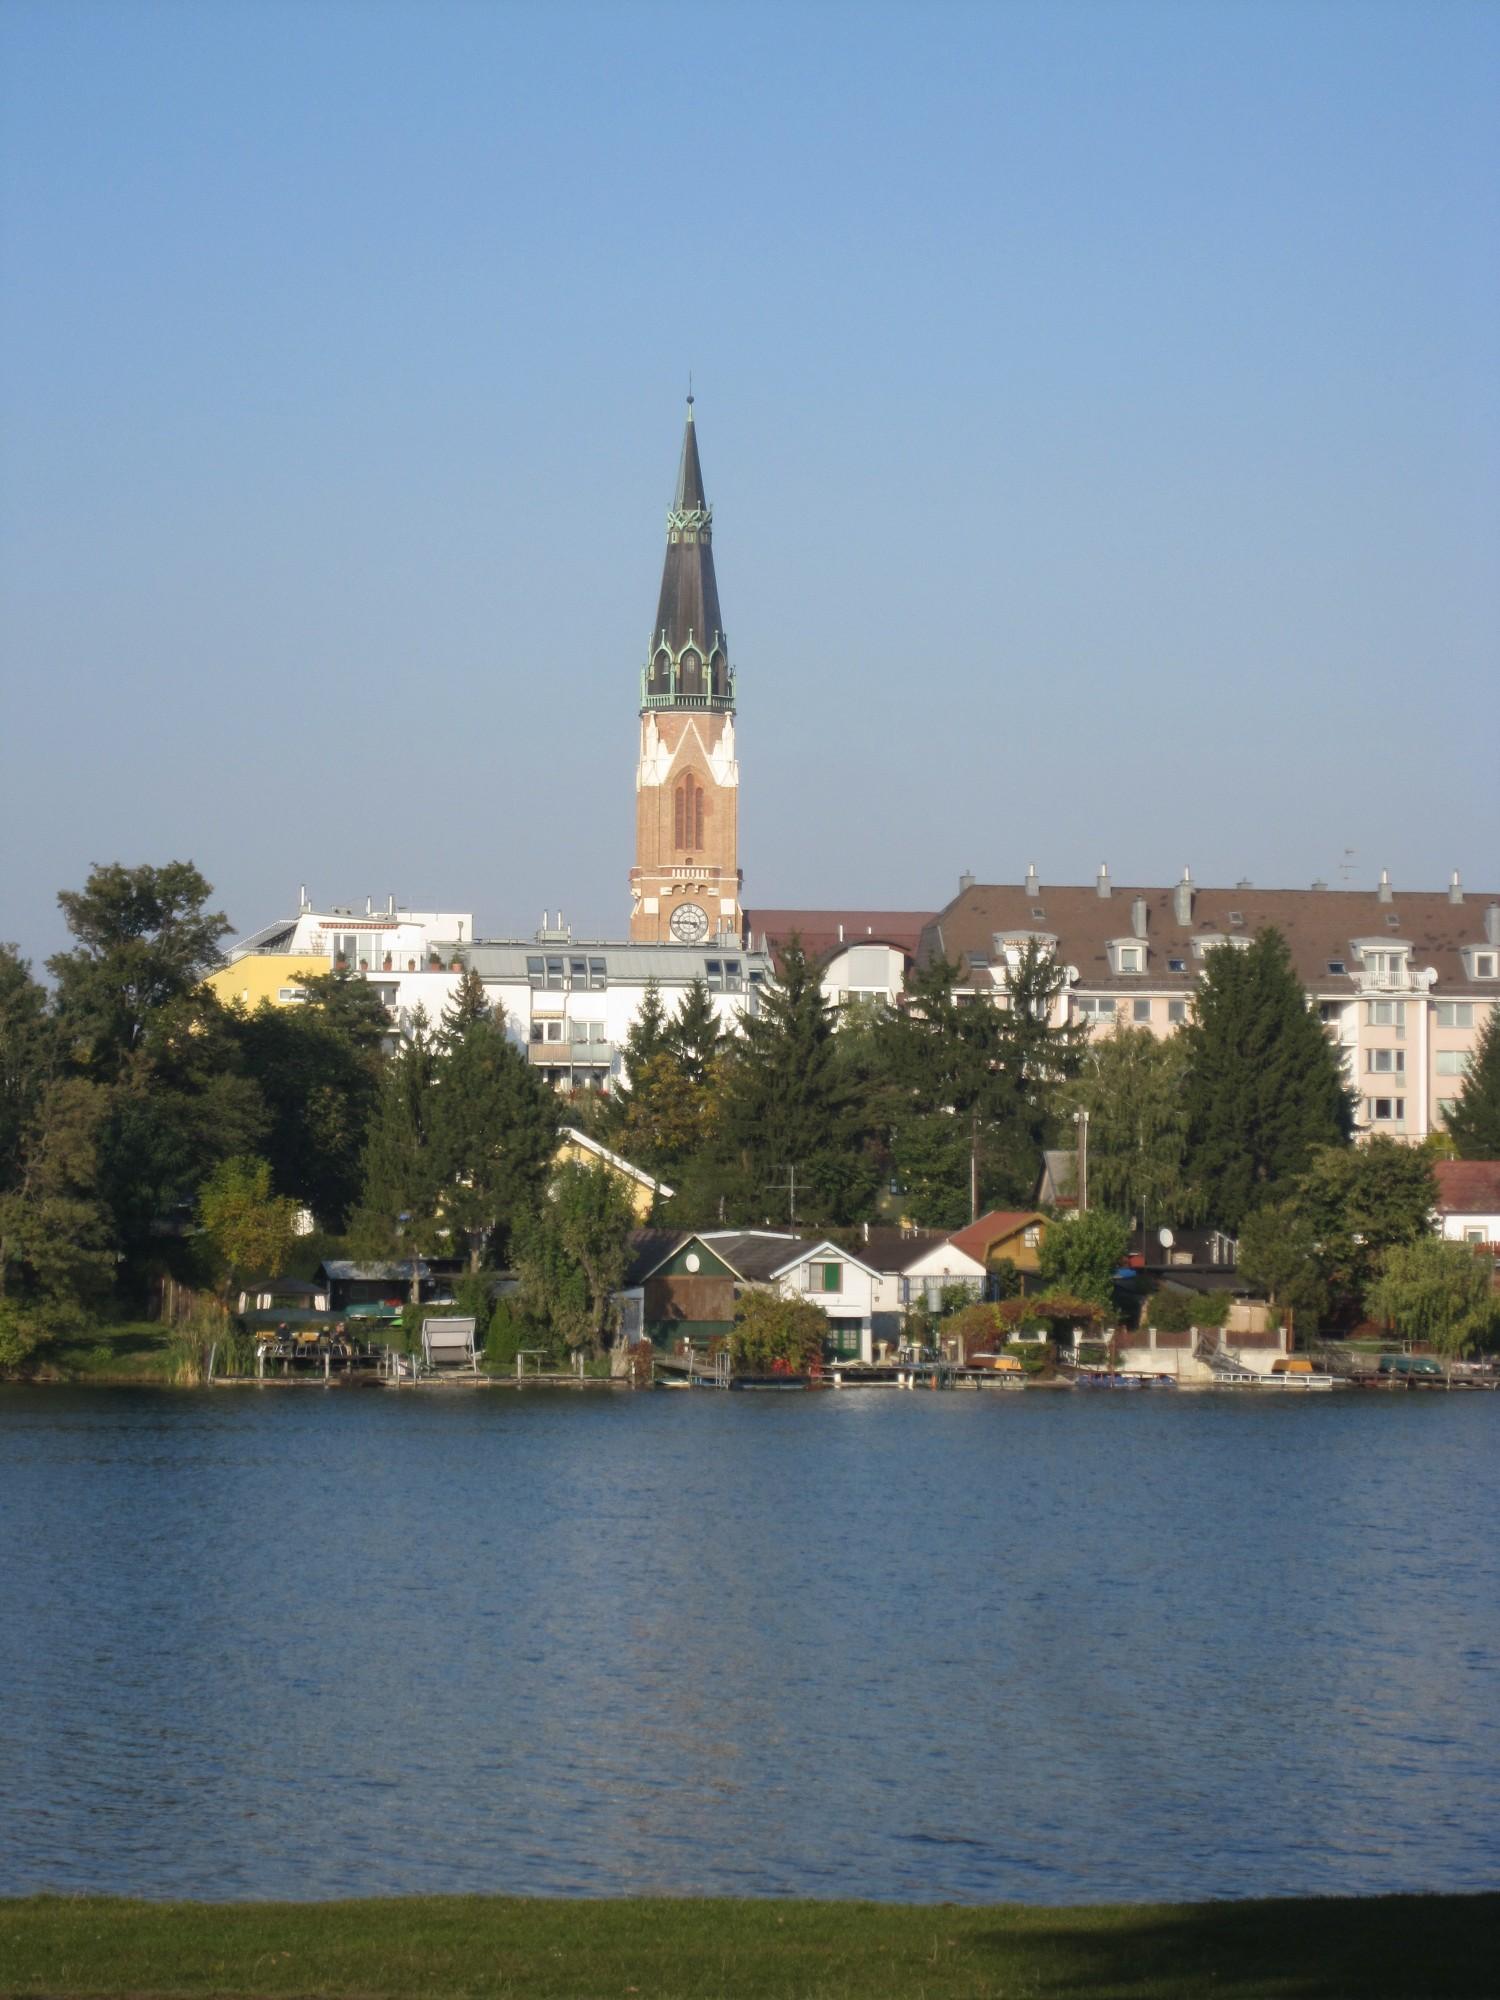 Obere Alte Donau Mit Donaufelder Kirche 21 Bezirk Bilder Im